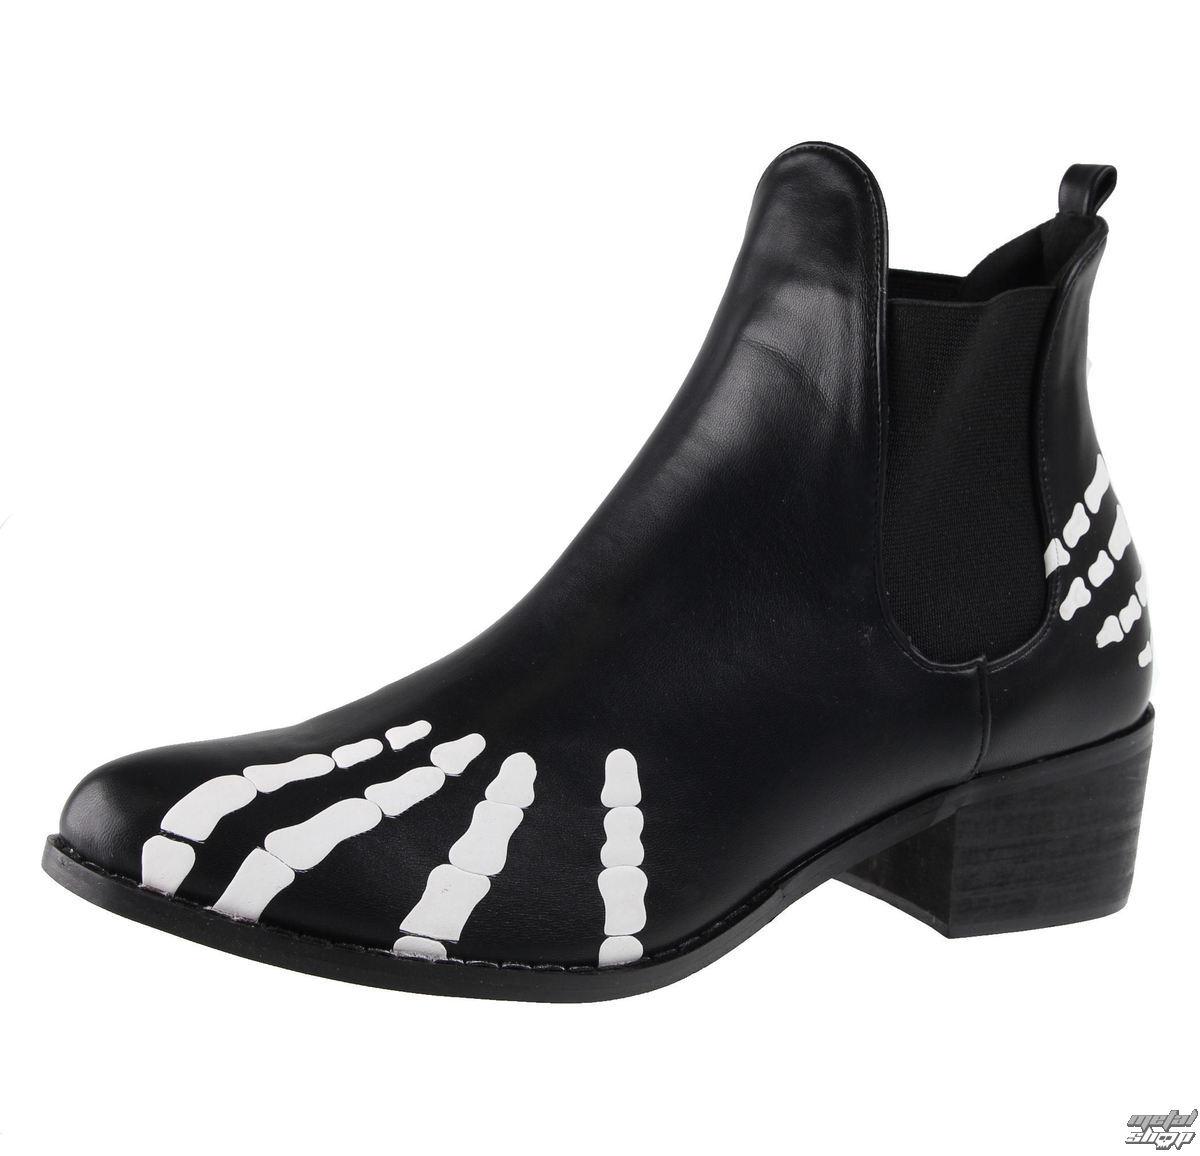 d59490af6777 topánky dámske IRON FIST - Grave Robber - IFW005101-Black - metalshop.sk